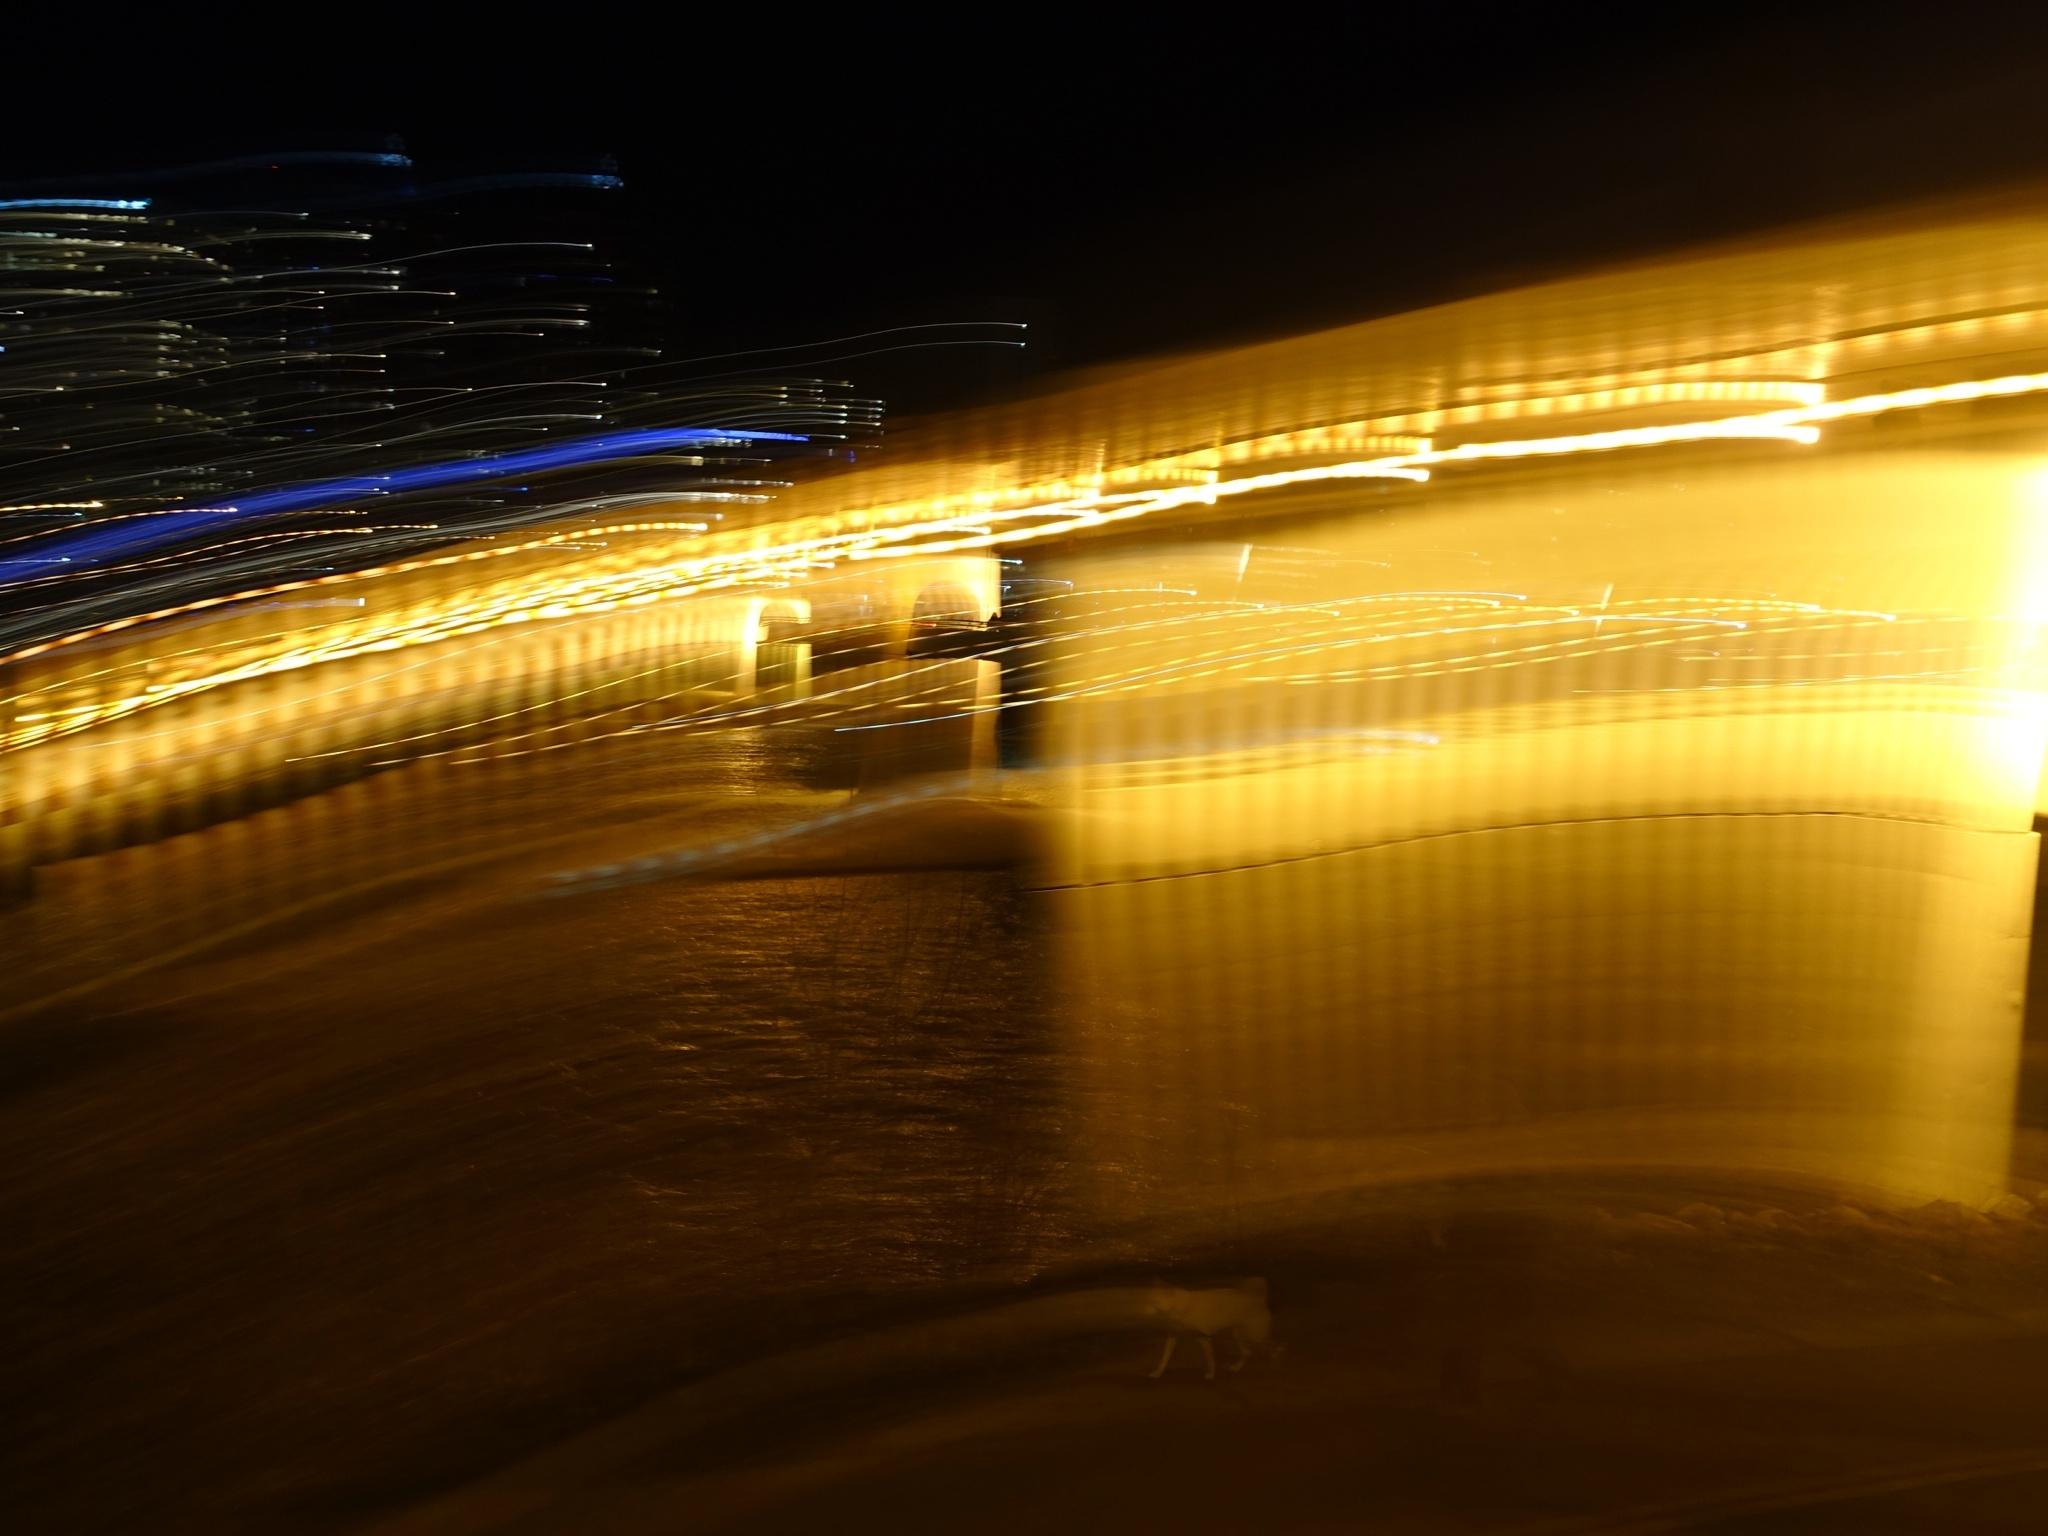 Downtown / Kensington LRT Bridge